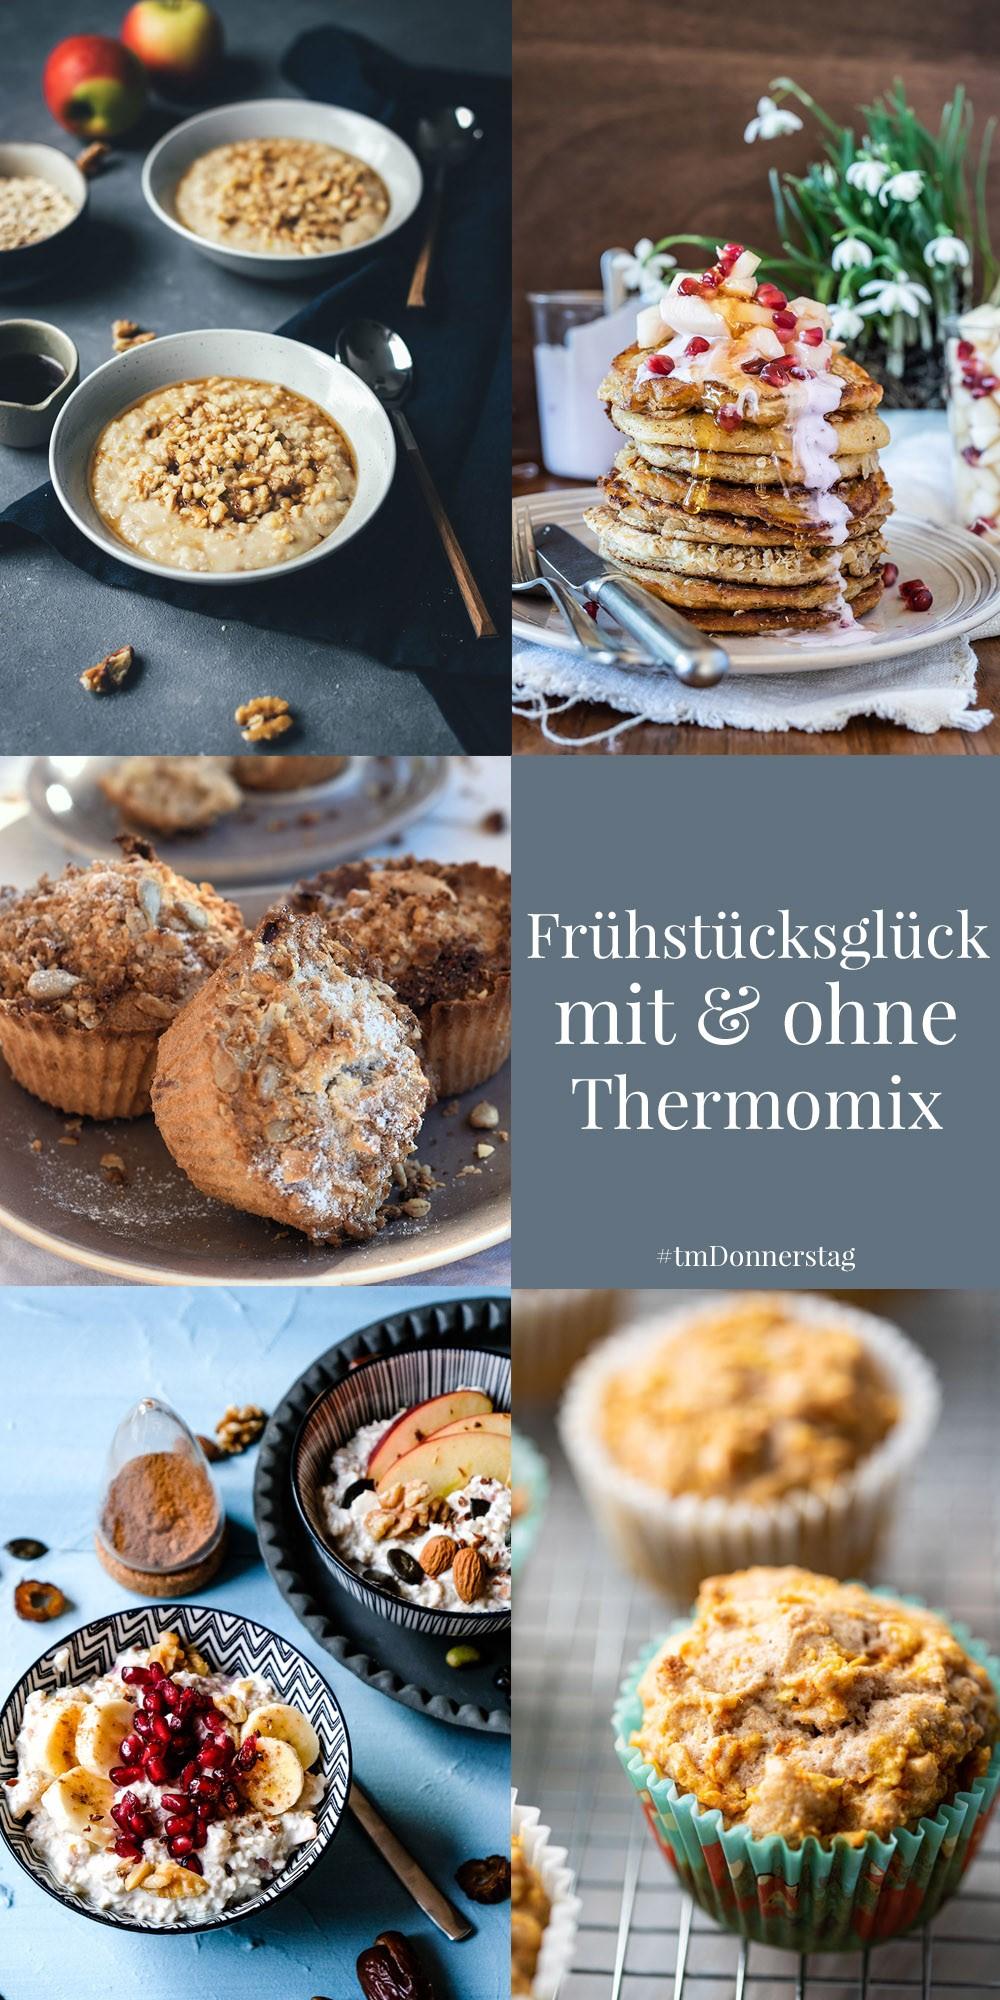 Frühstücksglück mit und ohne Thermomix